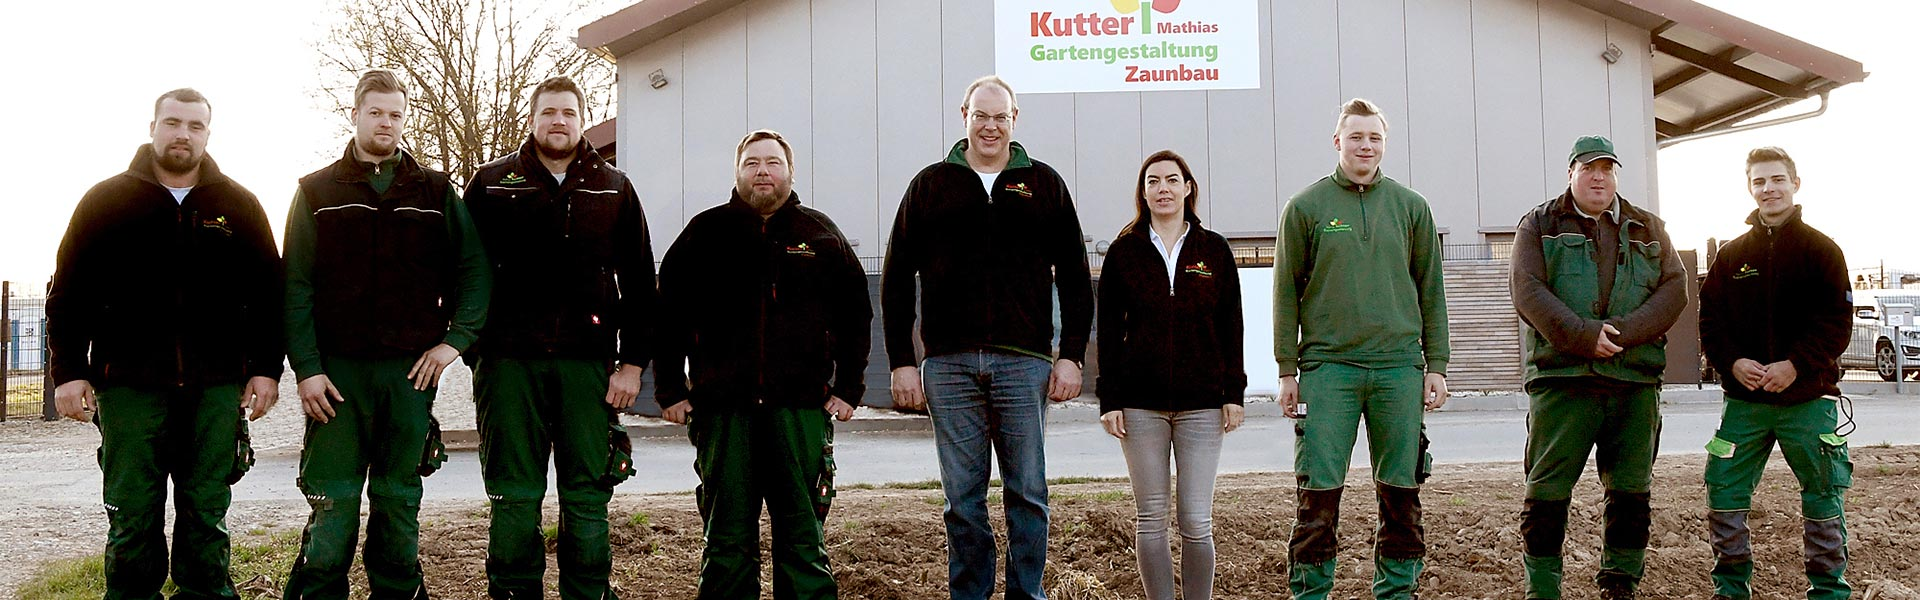 Team von Mathias Kutter Gartengestaltung